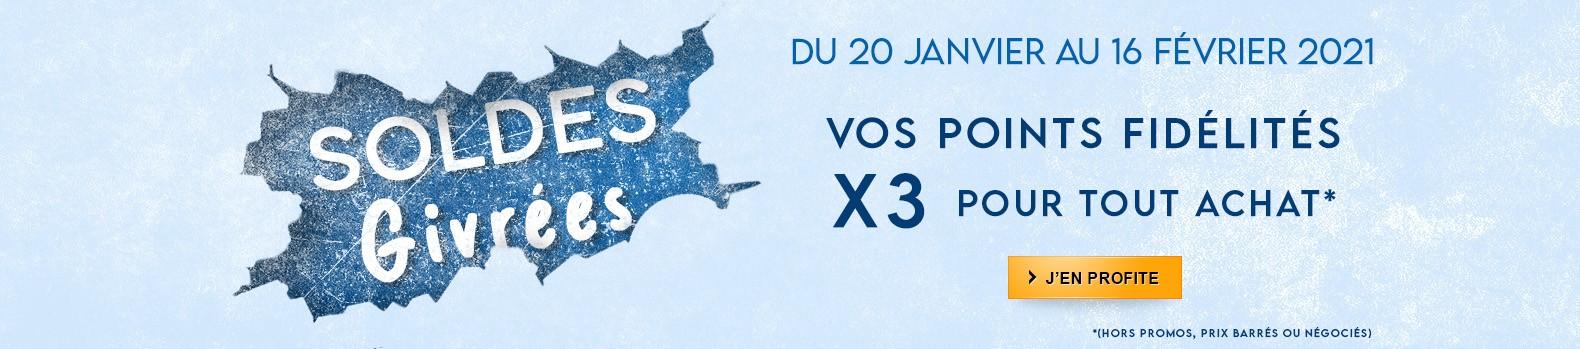 Points fidélités x3 jusqu'au 16 février